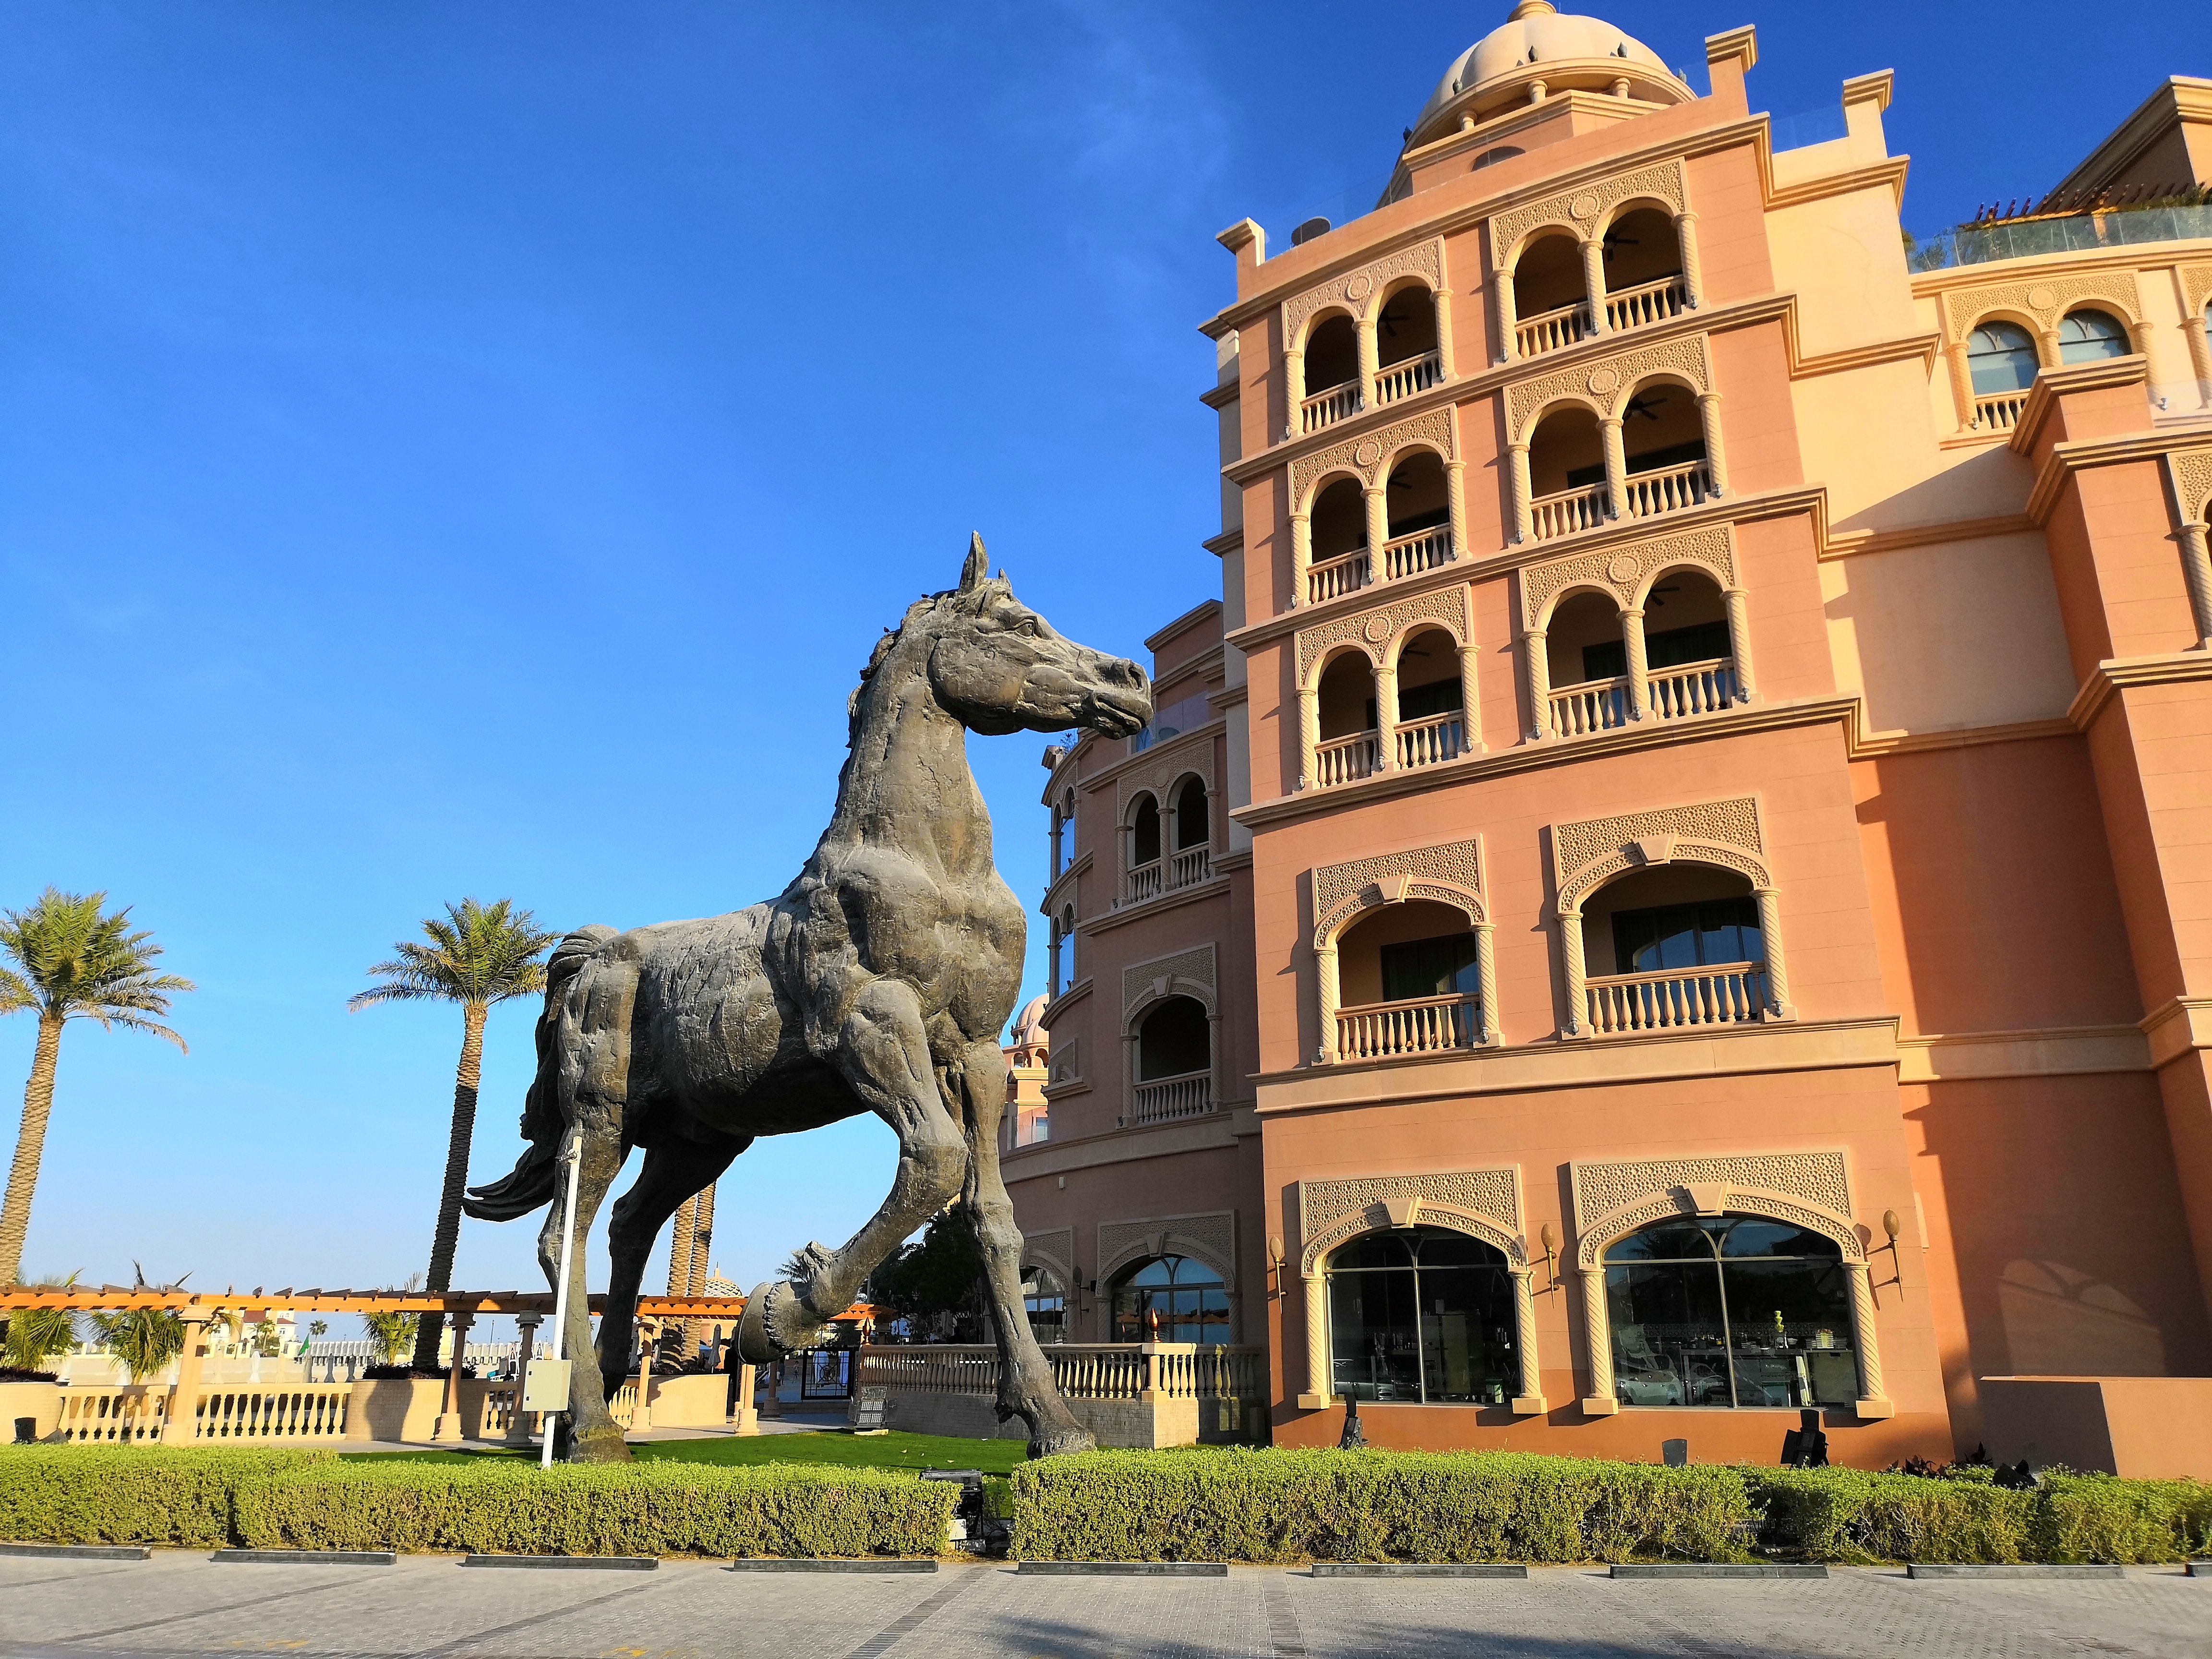 Kempinsky Doha horse